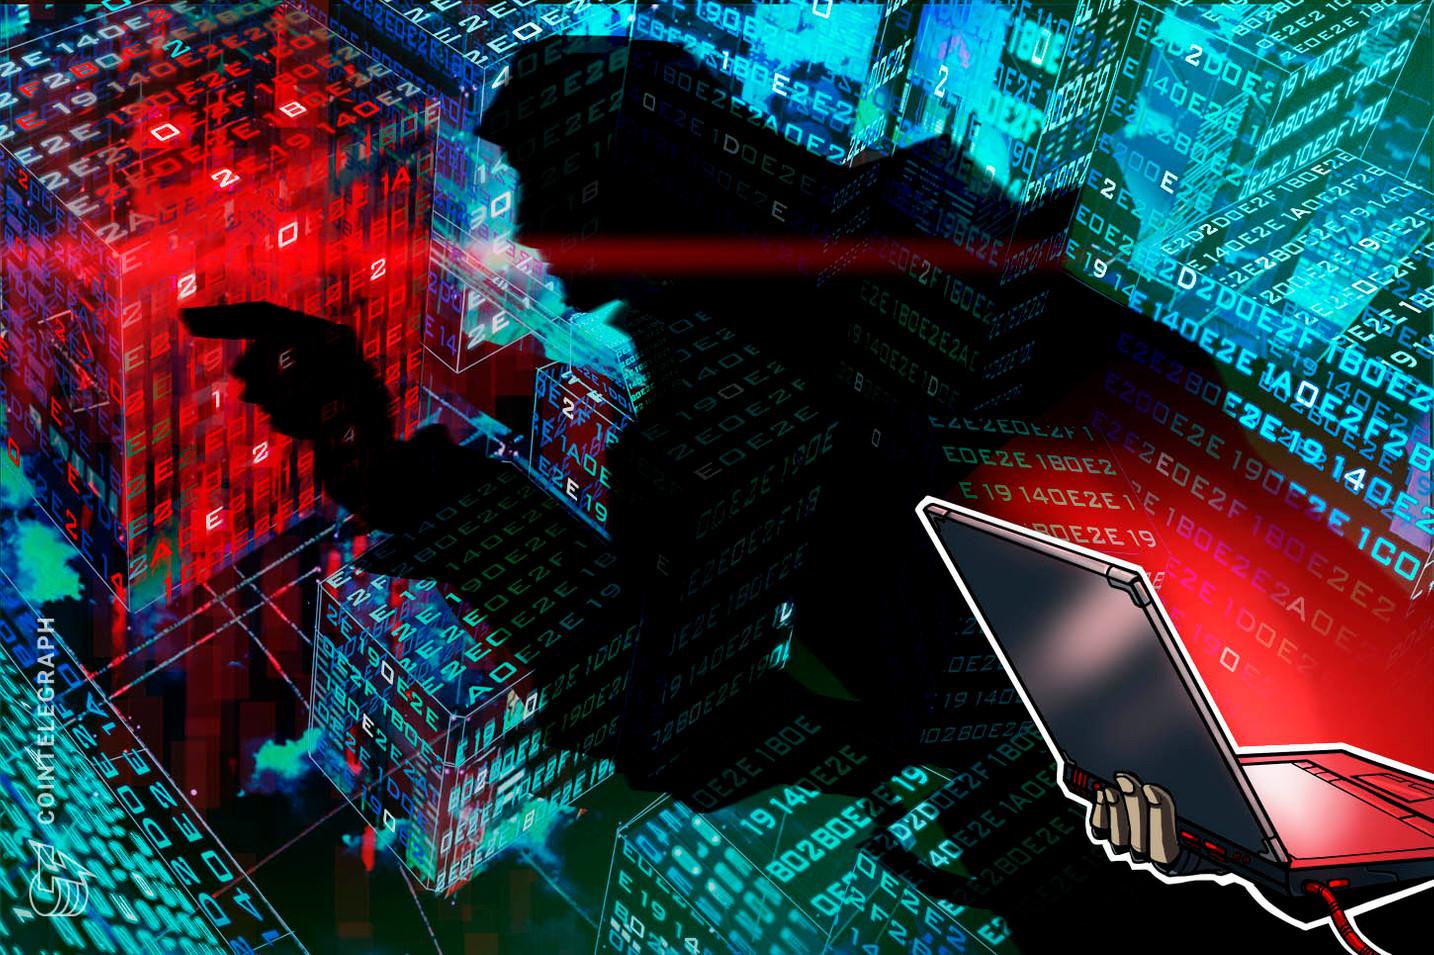 Corretora cripto Coinmama tem 450.000 usuários afetados por violação de dados